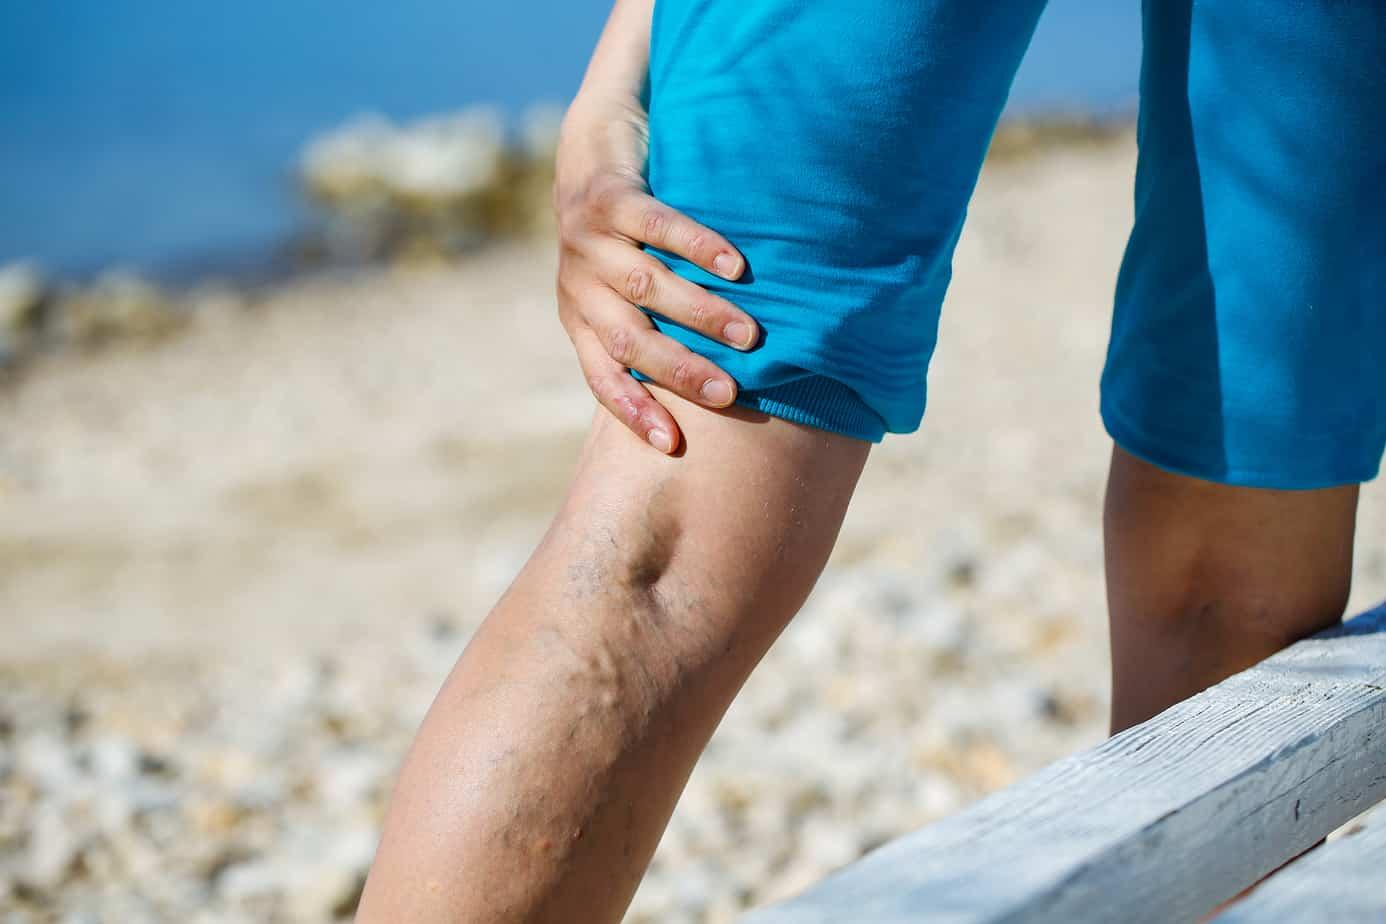 vene varicose dolorose di una donna sulla spiaggia